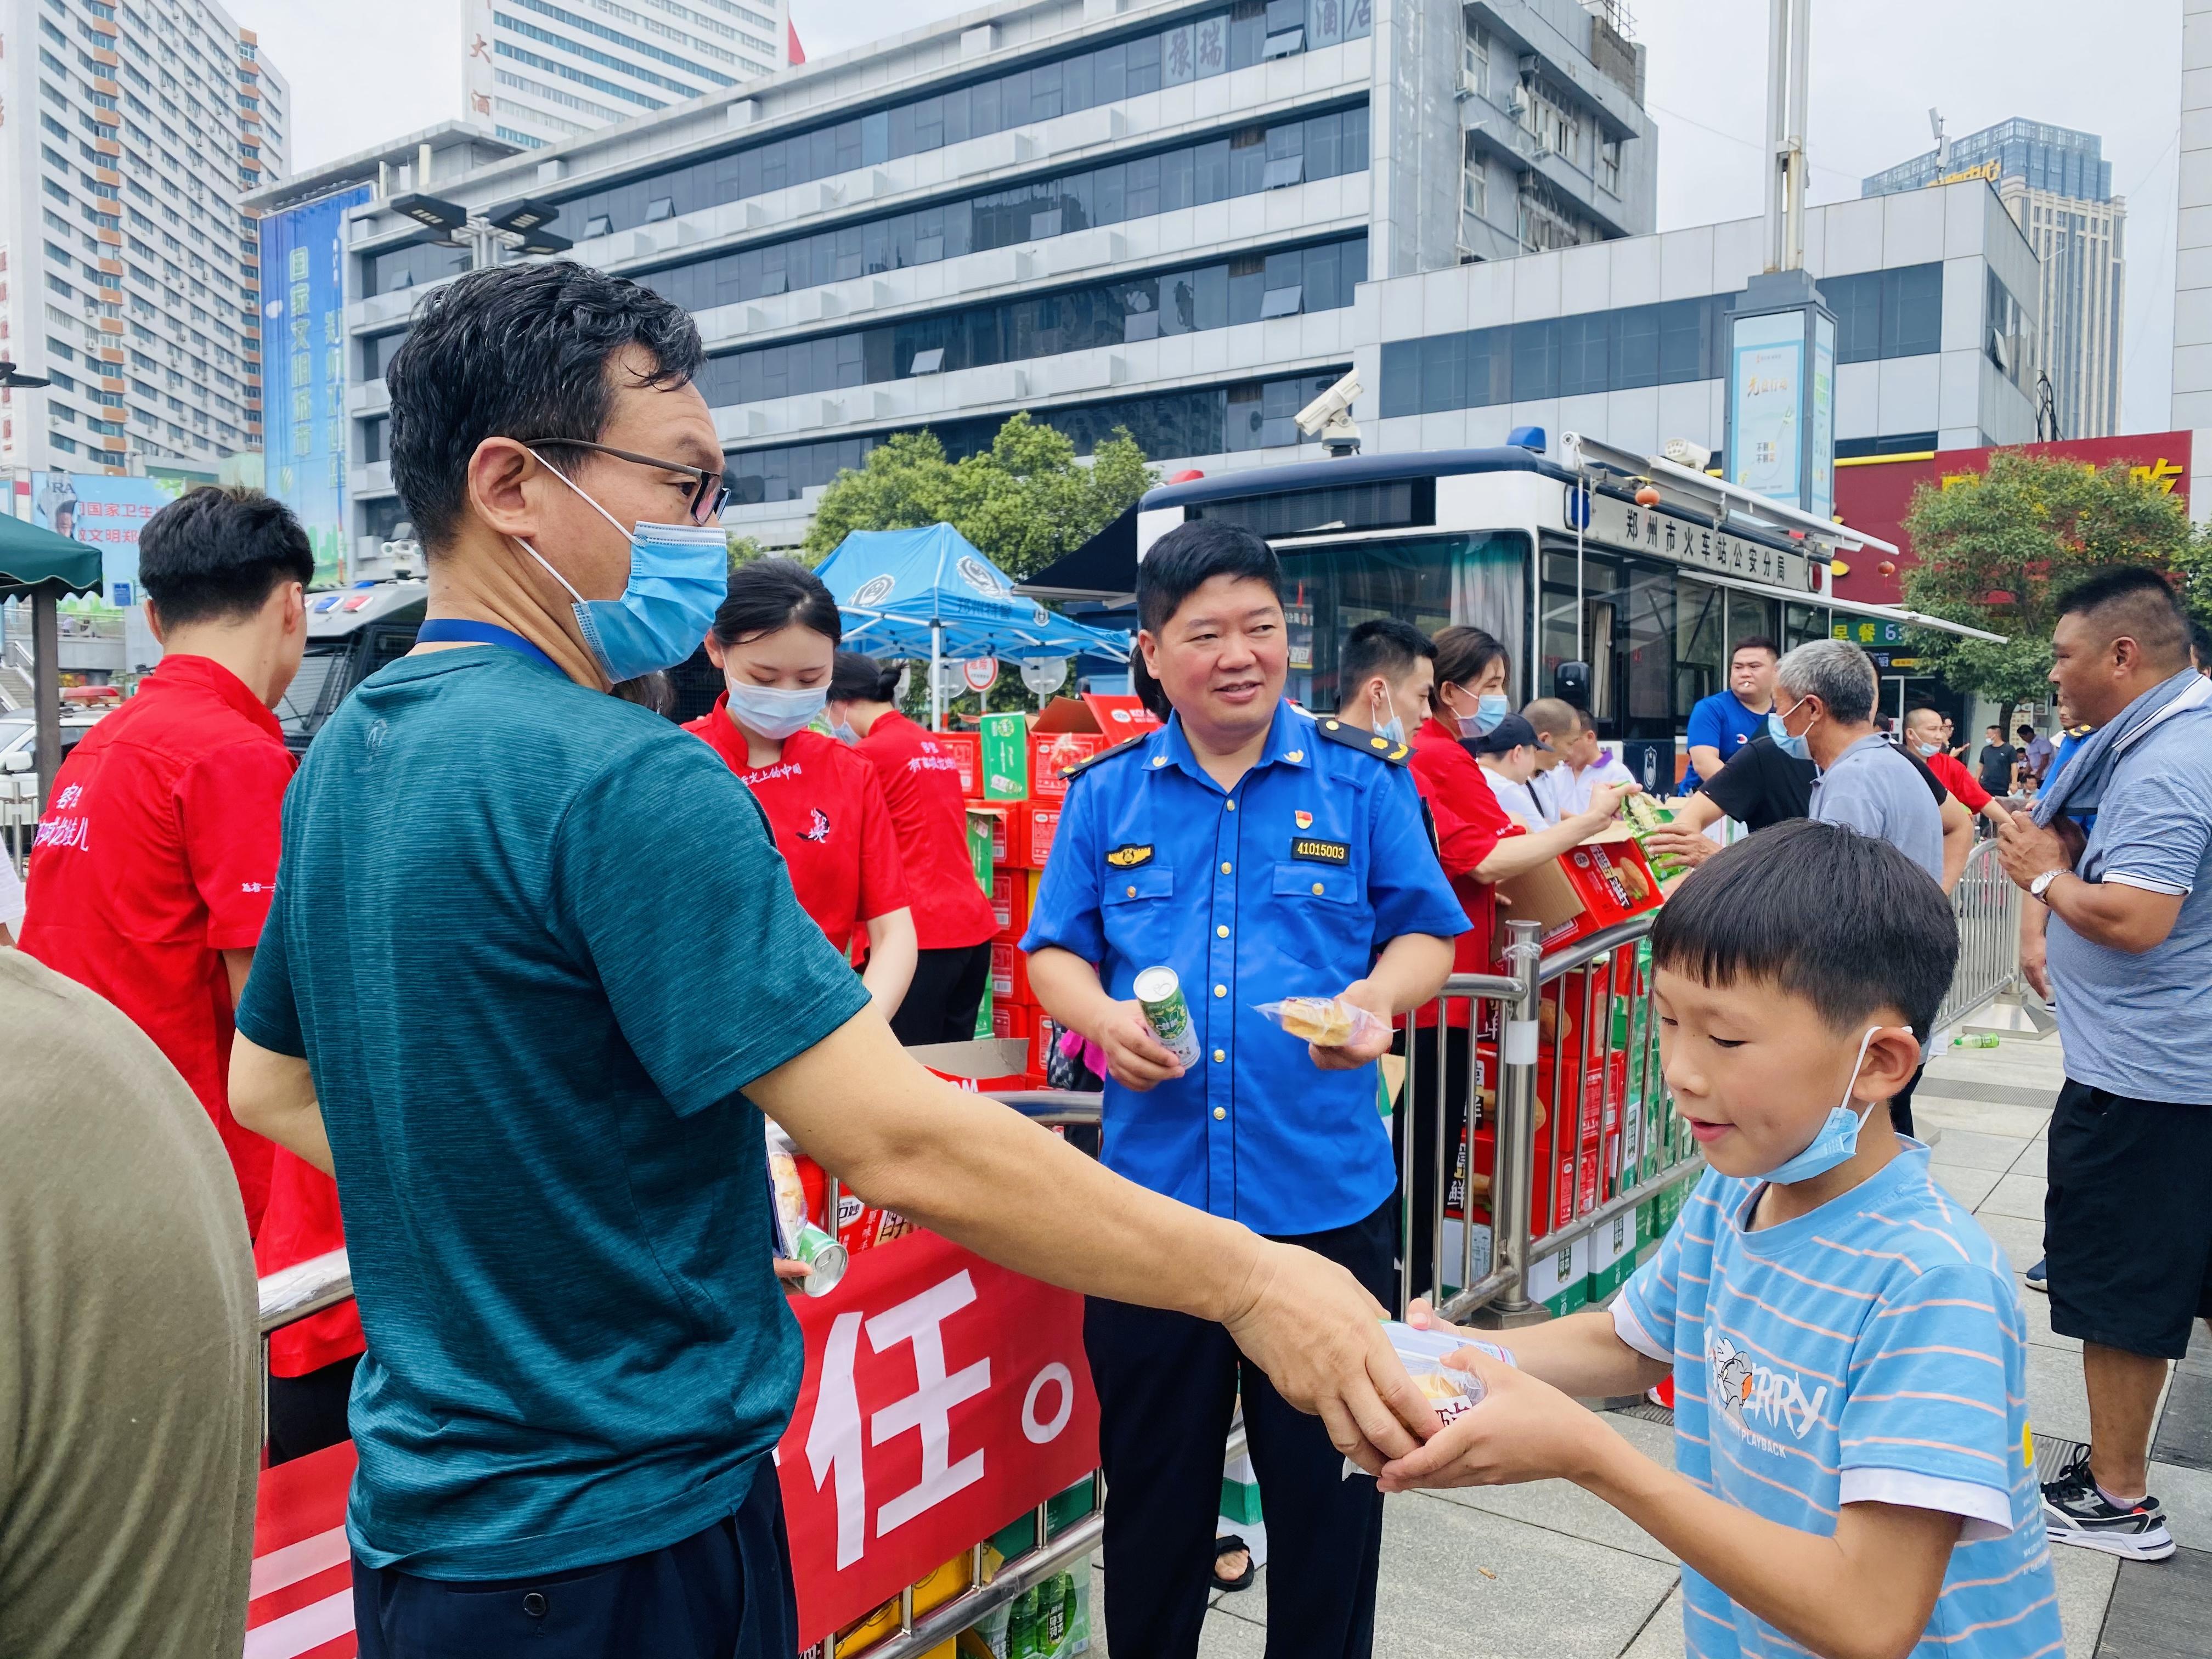 有志愿者在现场为群众发放物资。